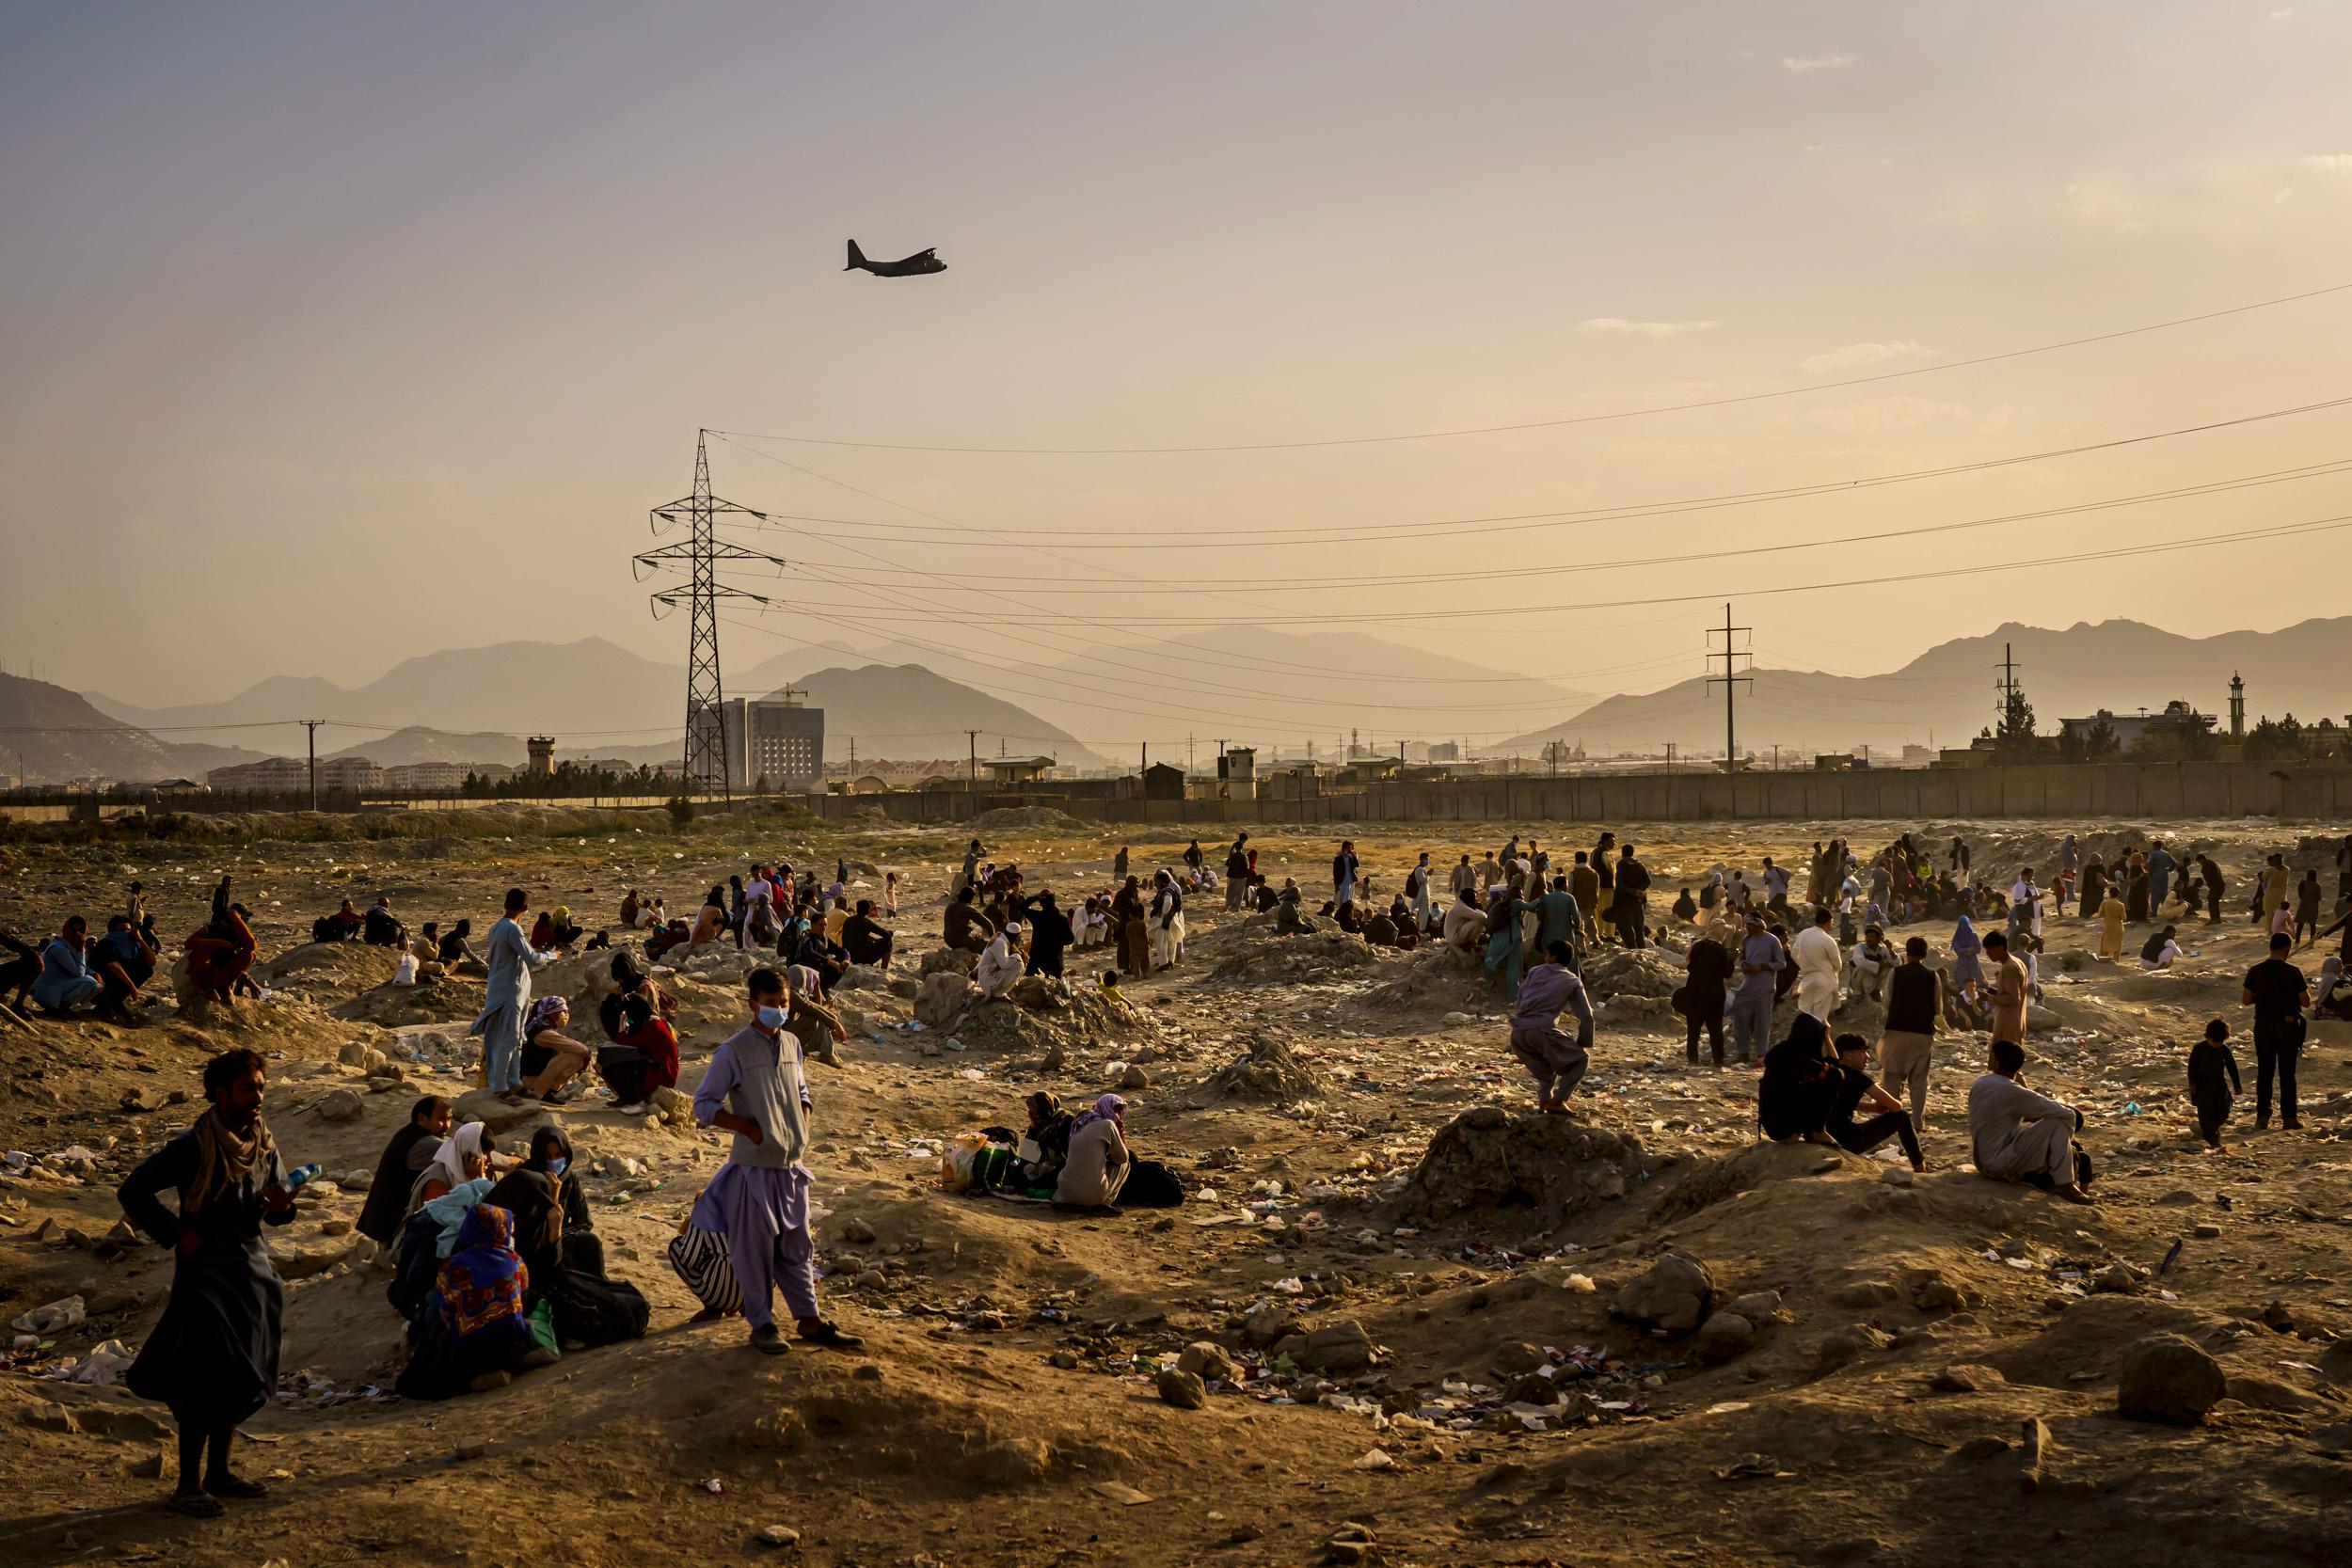 A U.S.-built biometric system sparks concerns for Afghans